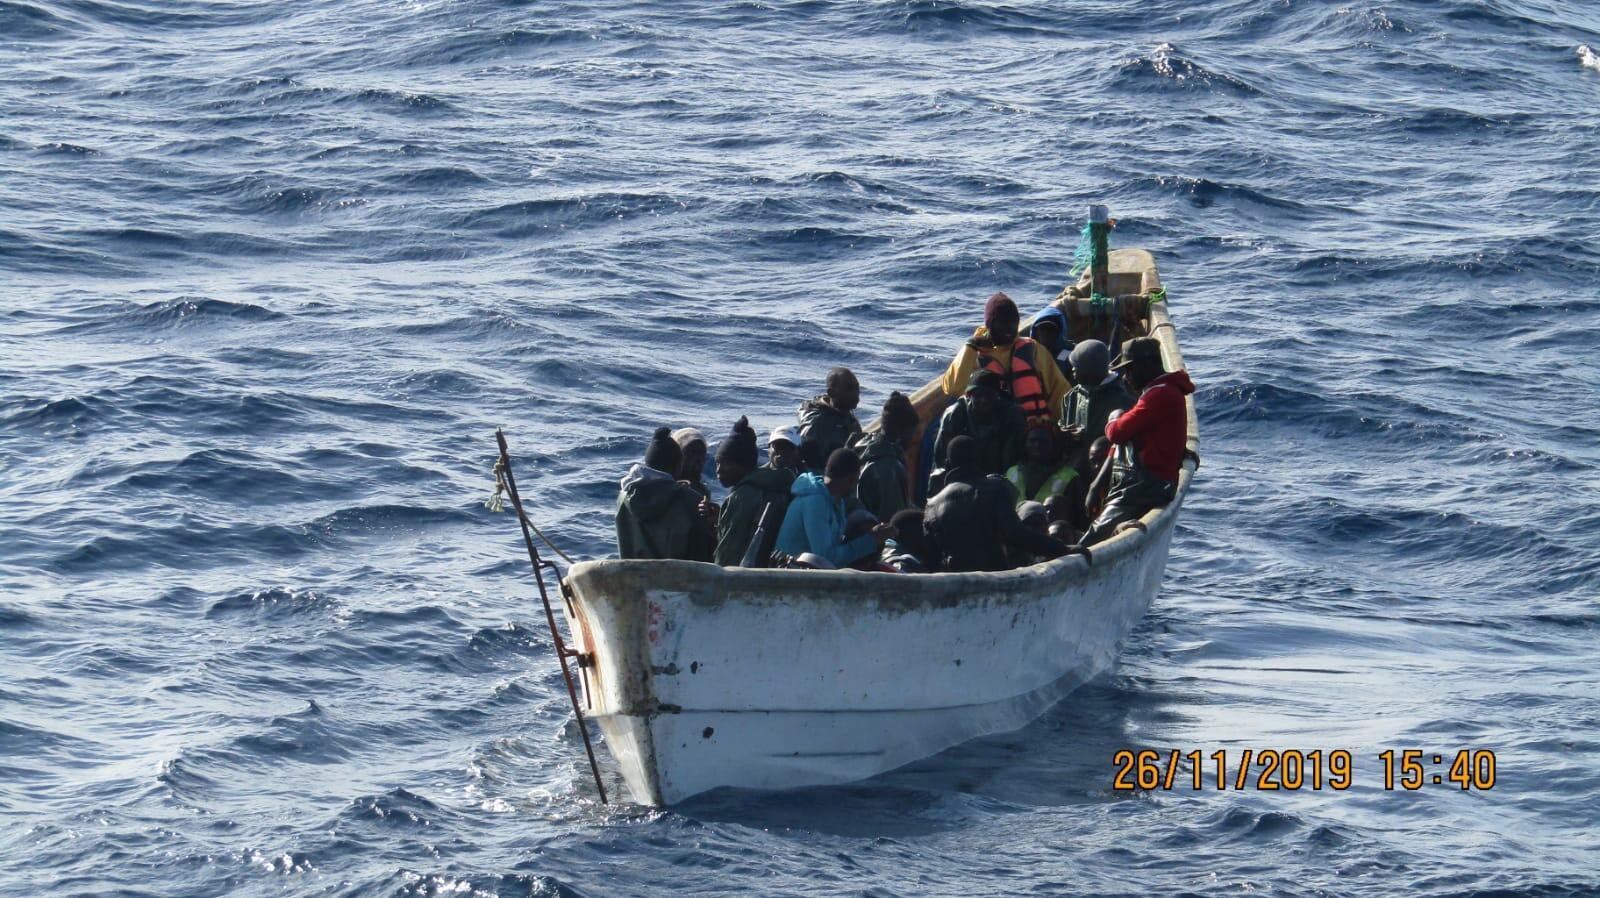 Environ 11 000 personnes sont arrivés aux Canaries cette année à bord d'embarcations de fortune, plus de 4000 rien qu'en ce mois d'octobre.